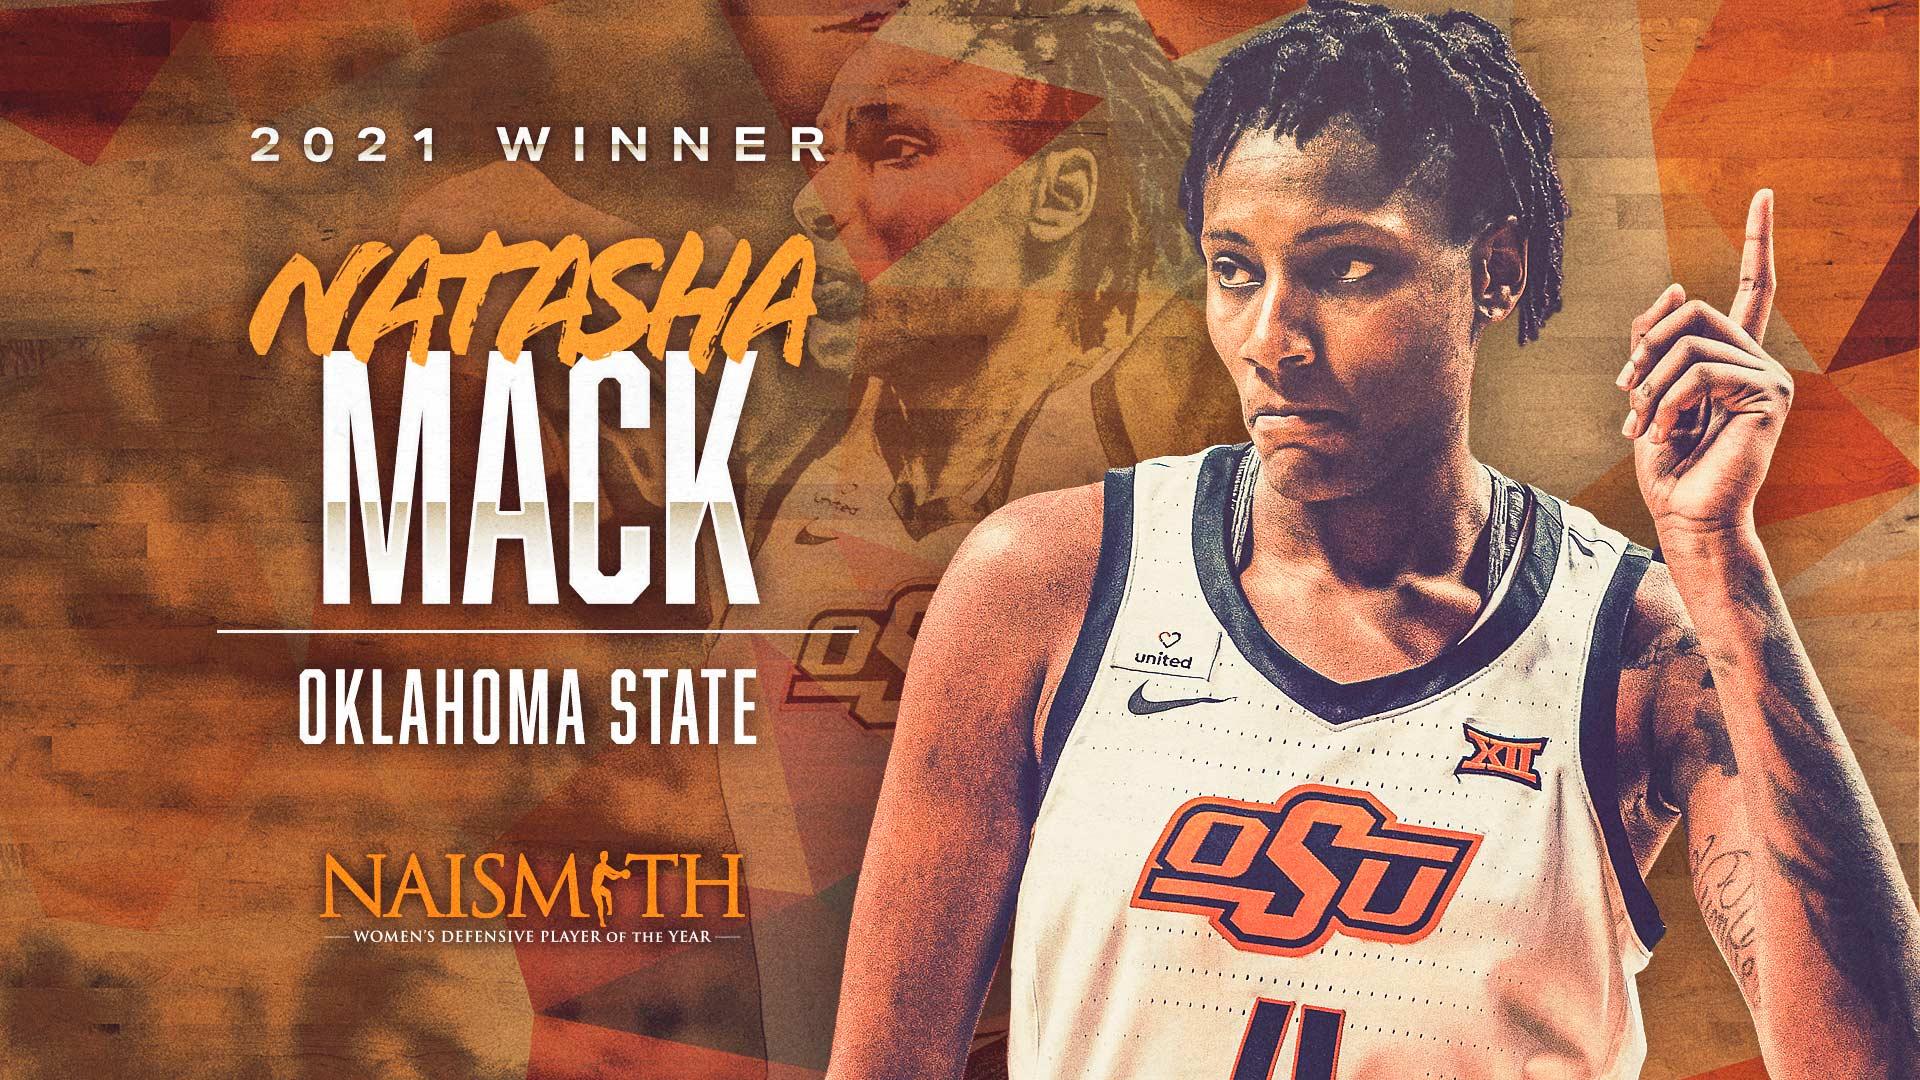 Naismith DPOY Natasha Mack